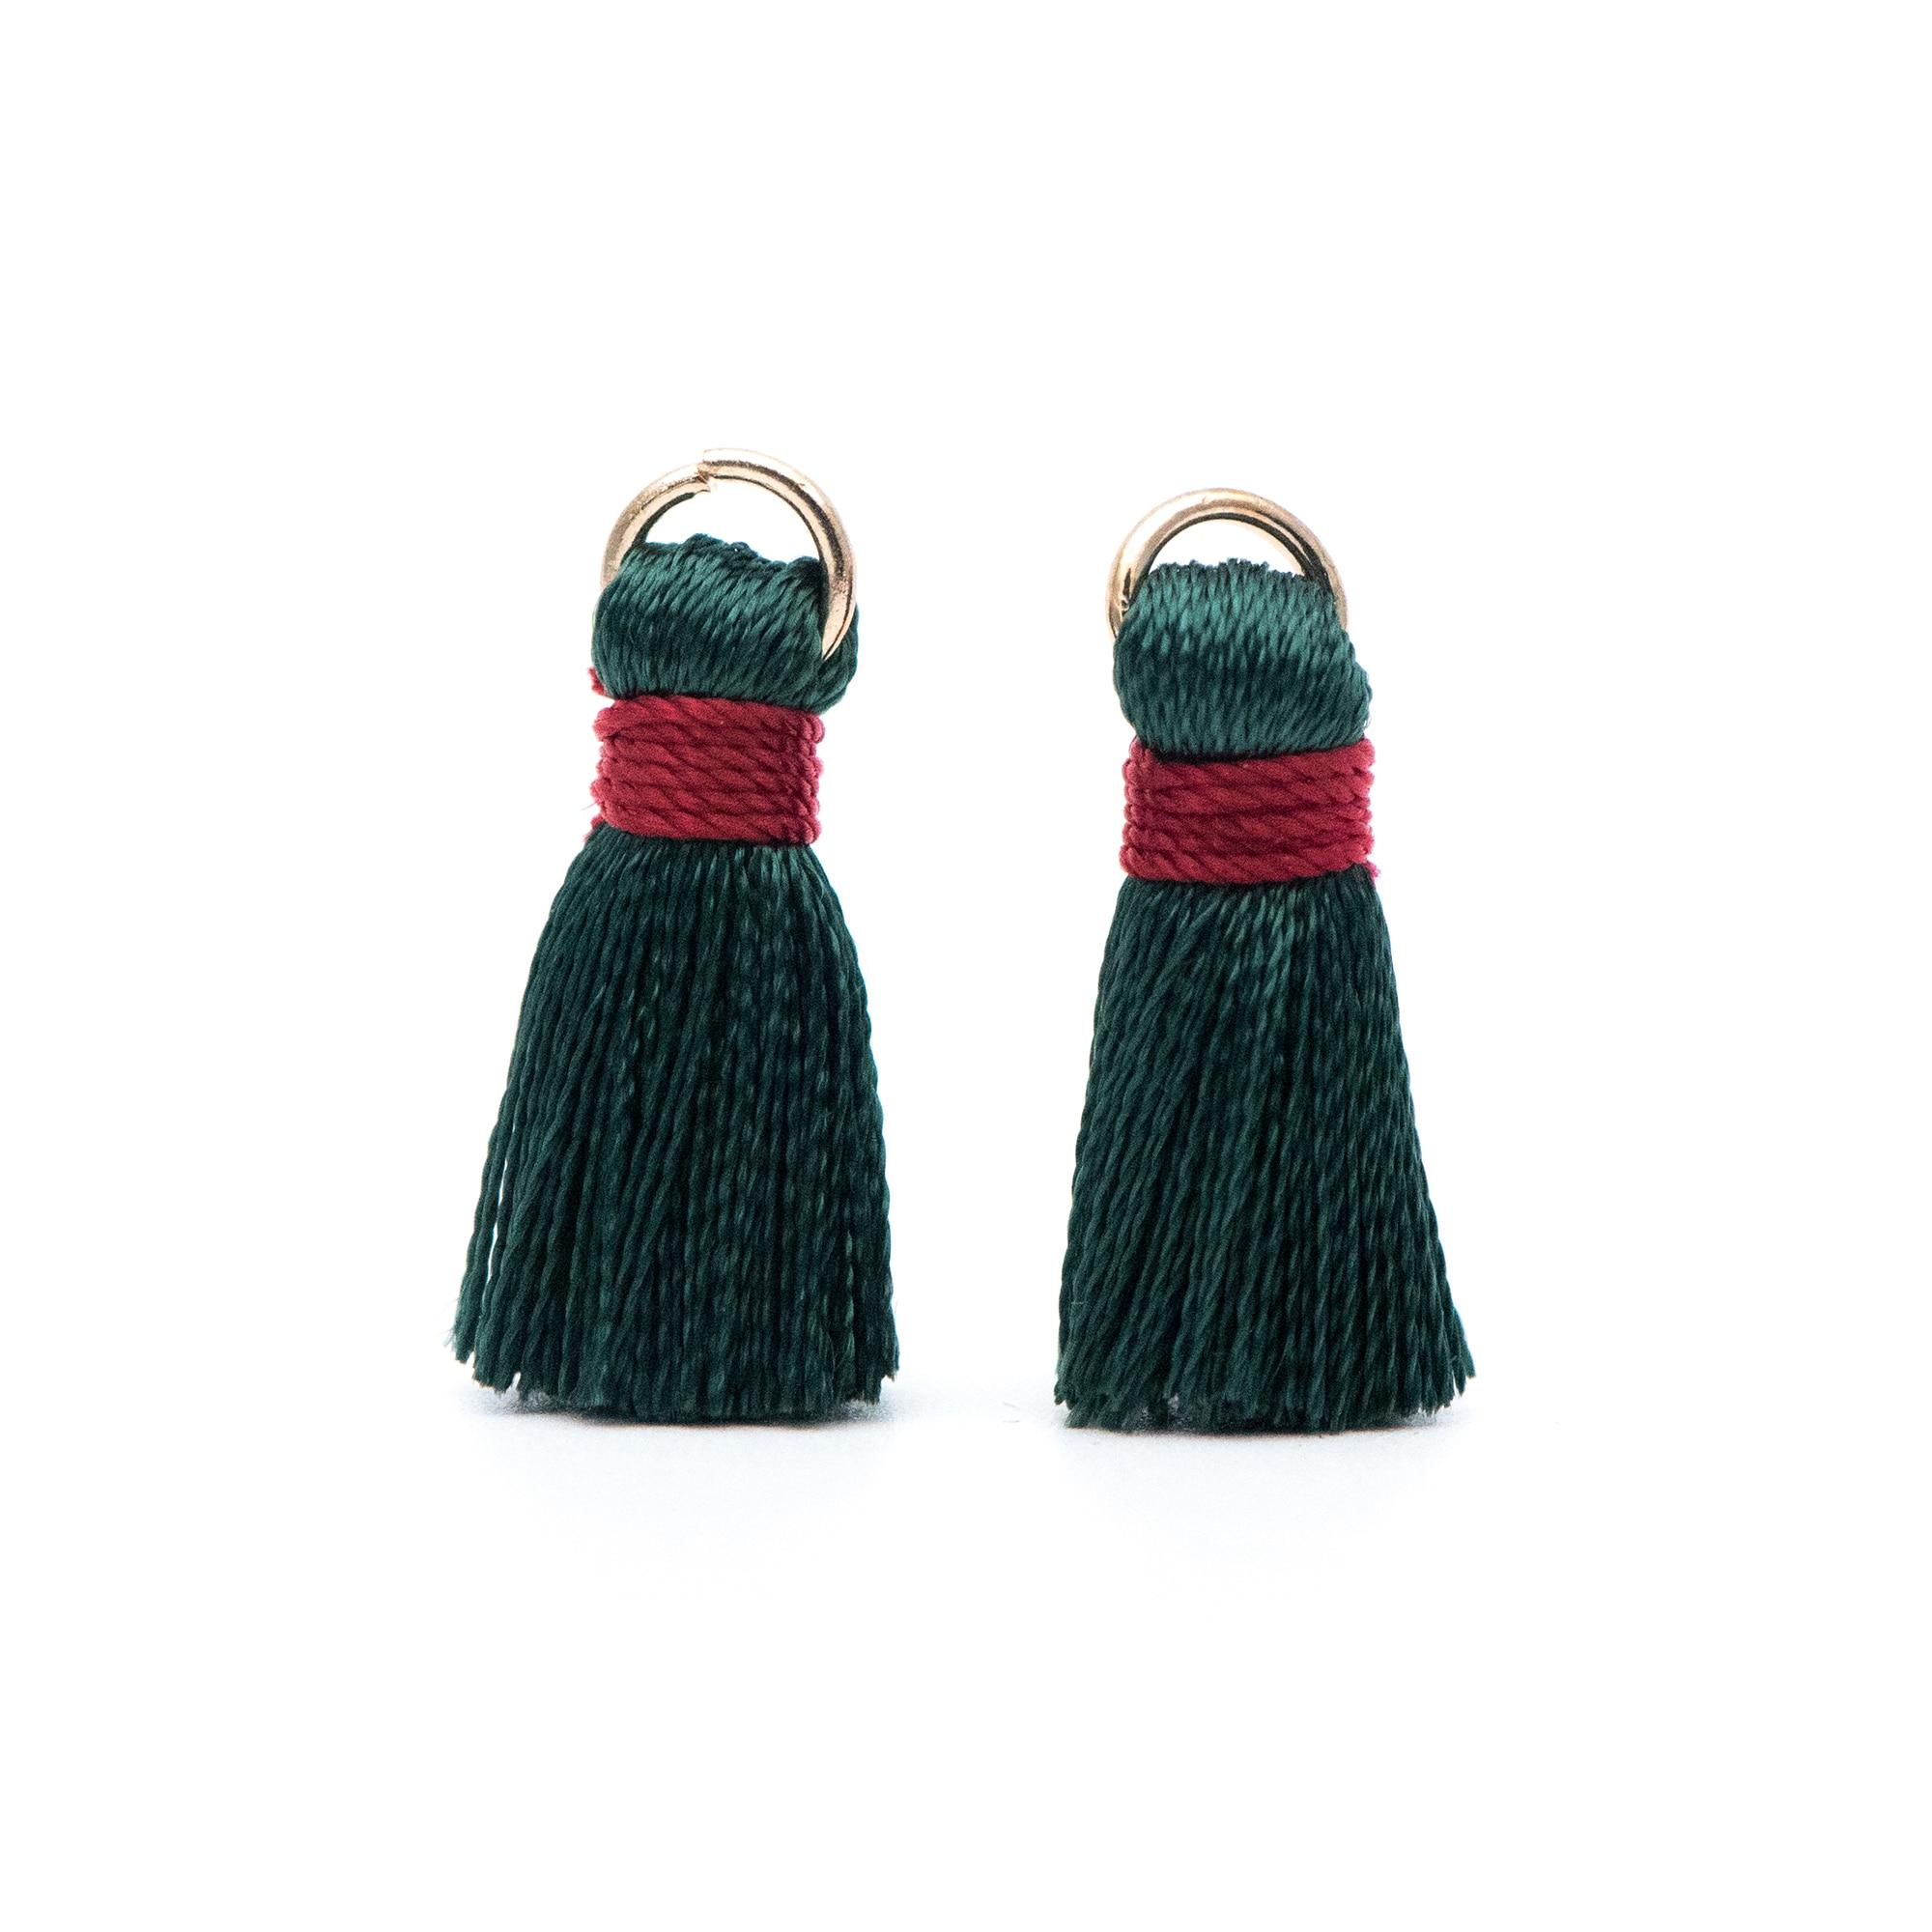 10pcs Silk Tassels, Silky Tassels Wholesale, 24mm Small Tassel Charms, Christmas Green (FB-032-10)